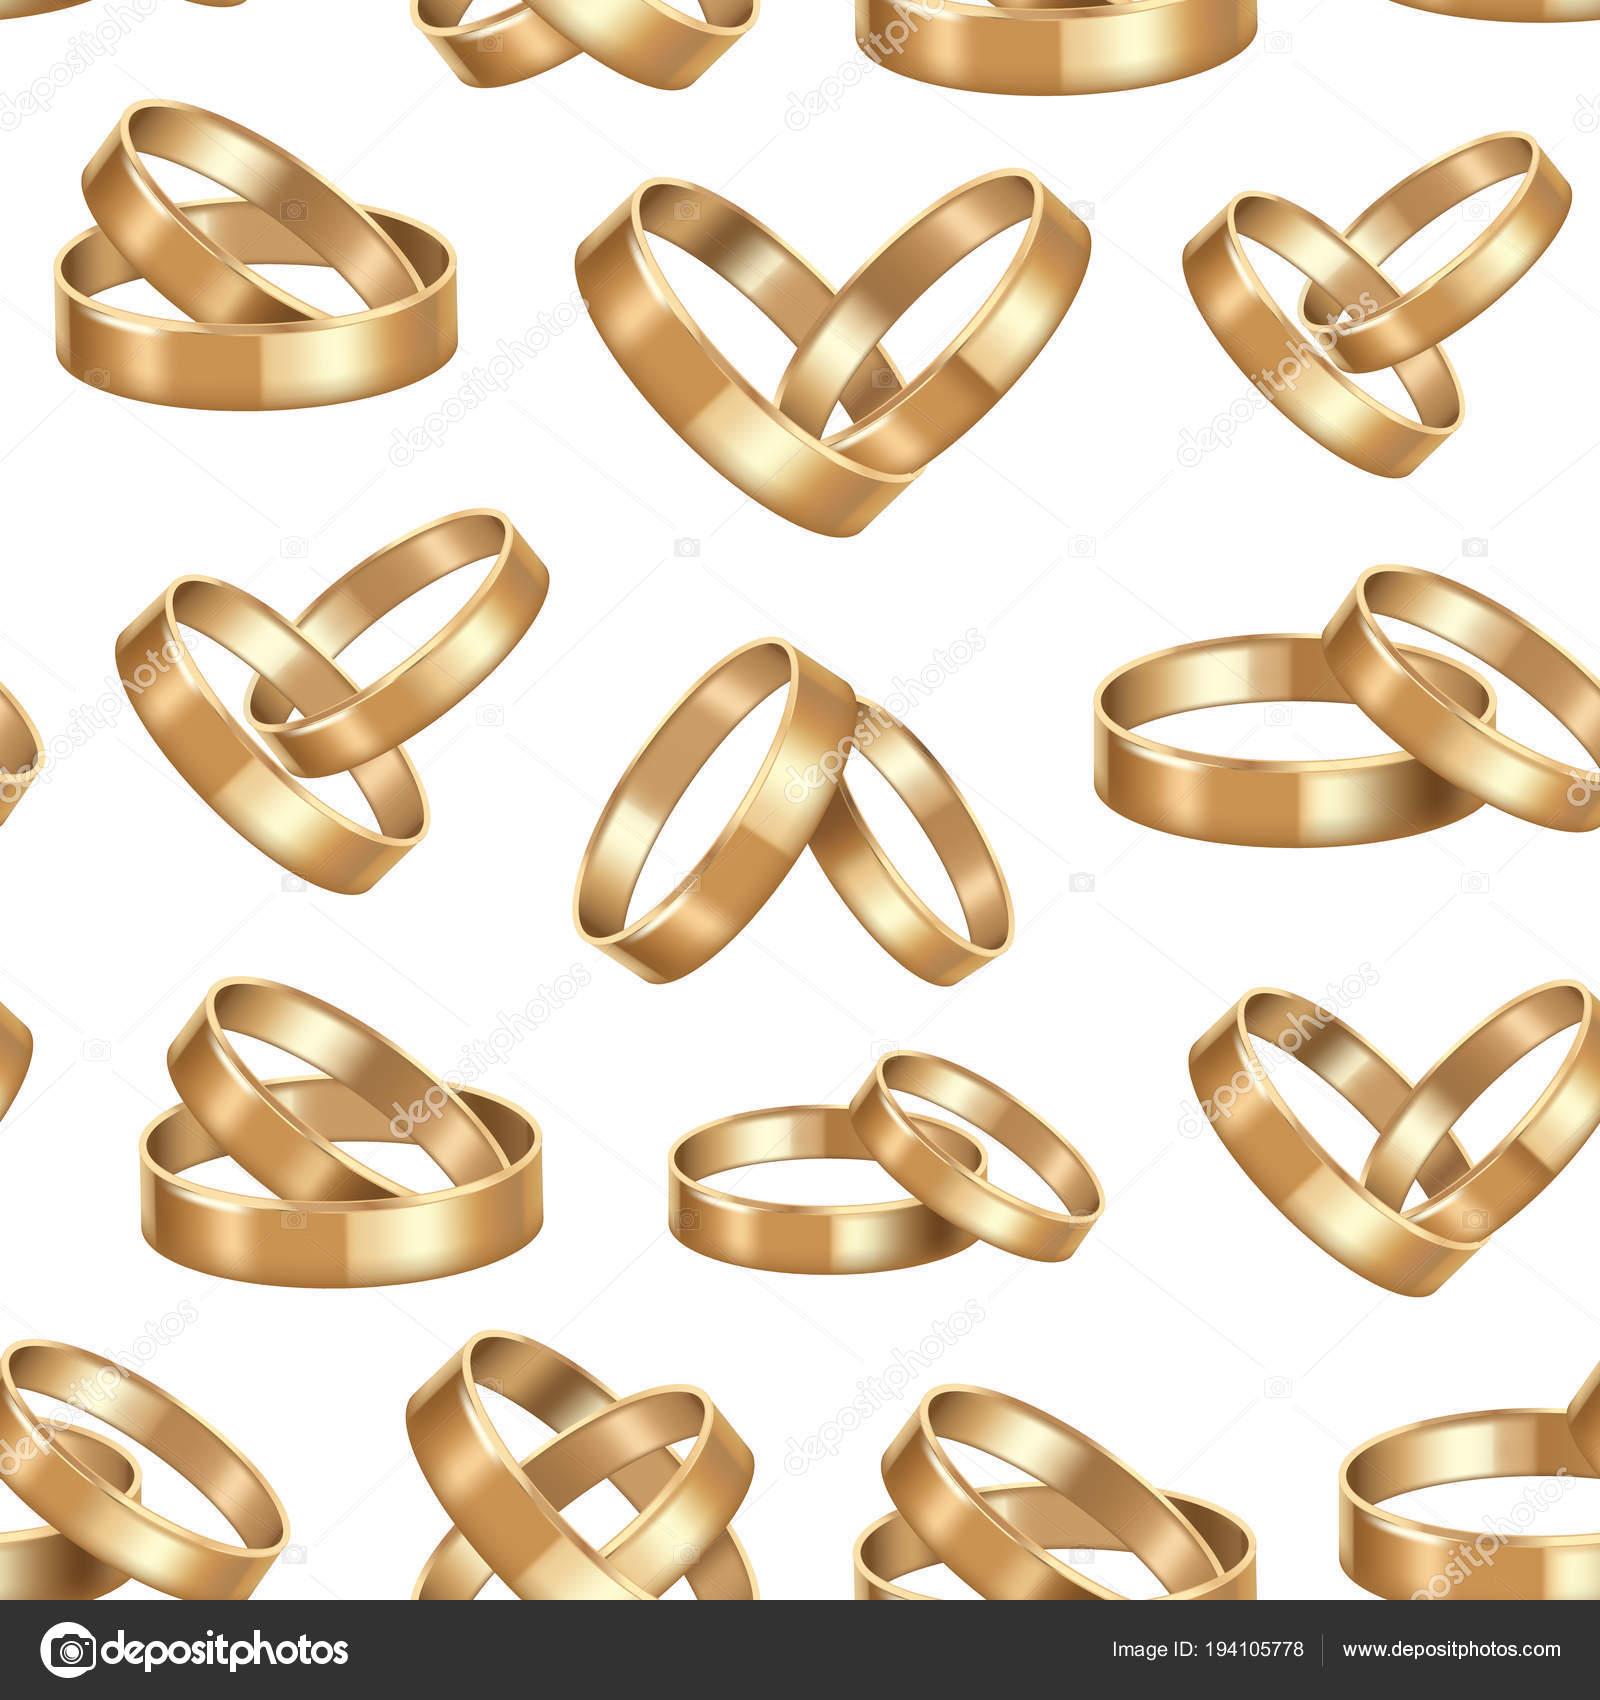 Realisticke Detailni Zlate Snubni Prsteny Vzor Bezesve Pozadi